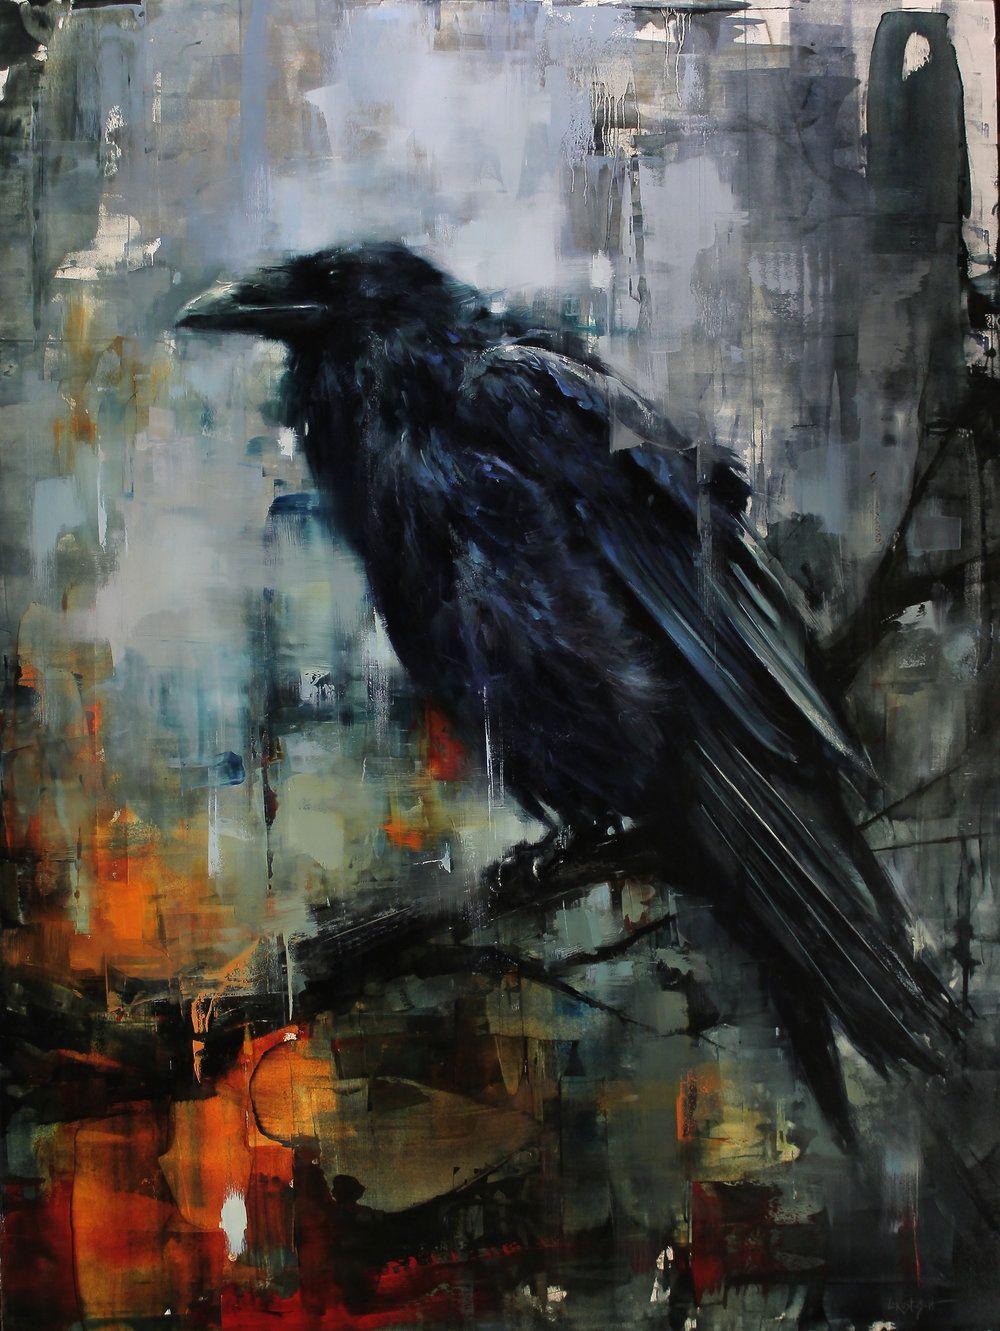 открыв картинки абстракции ворона изменился